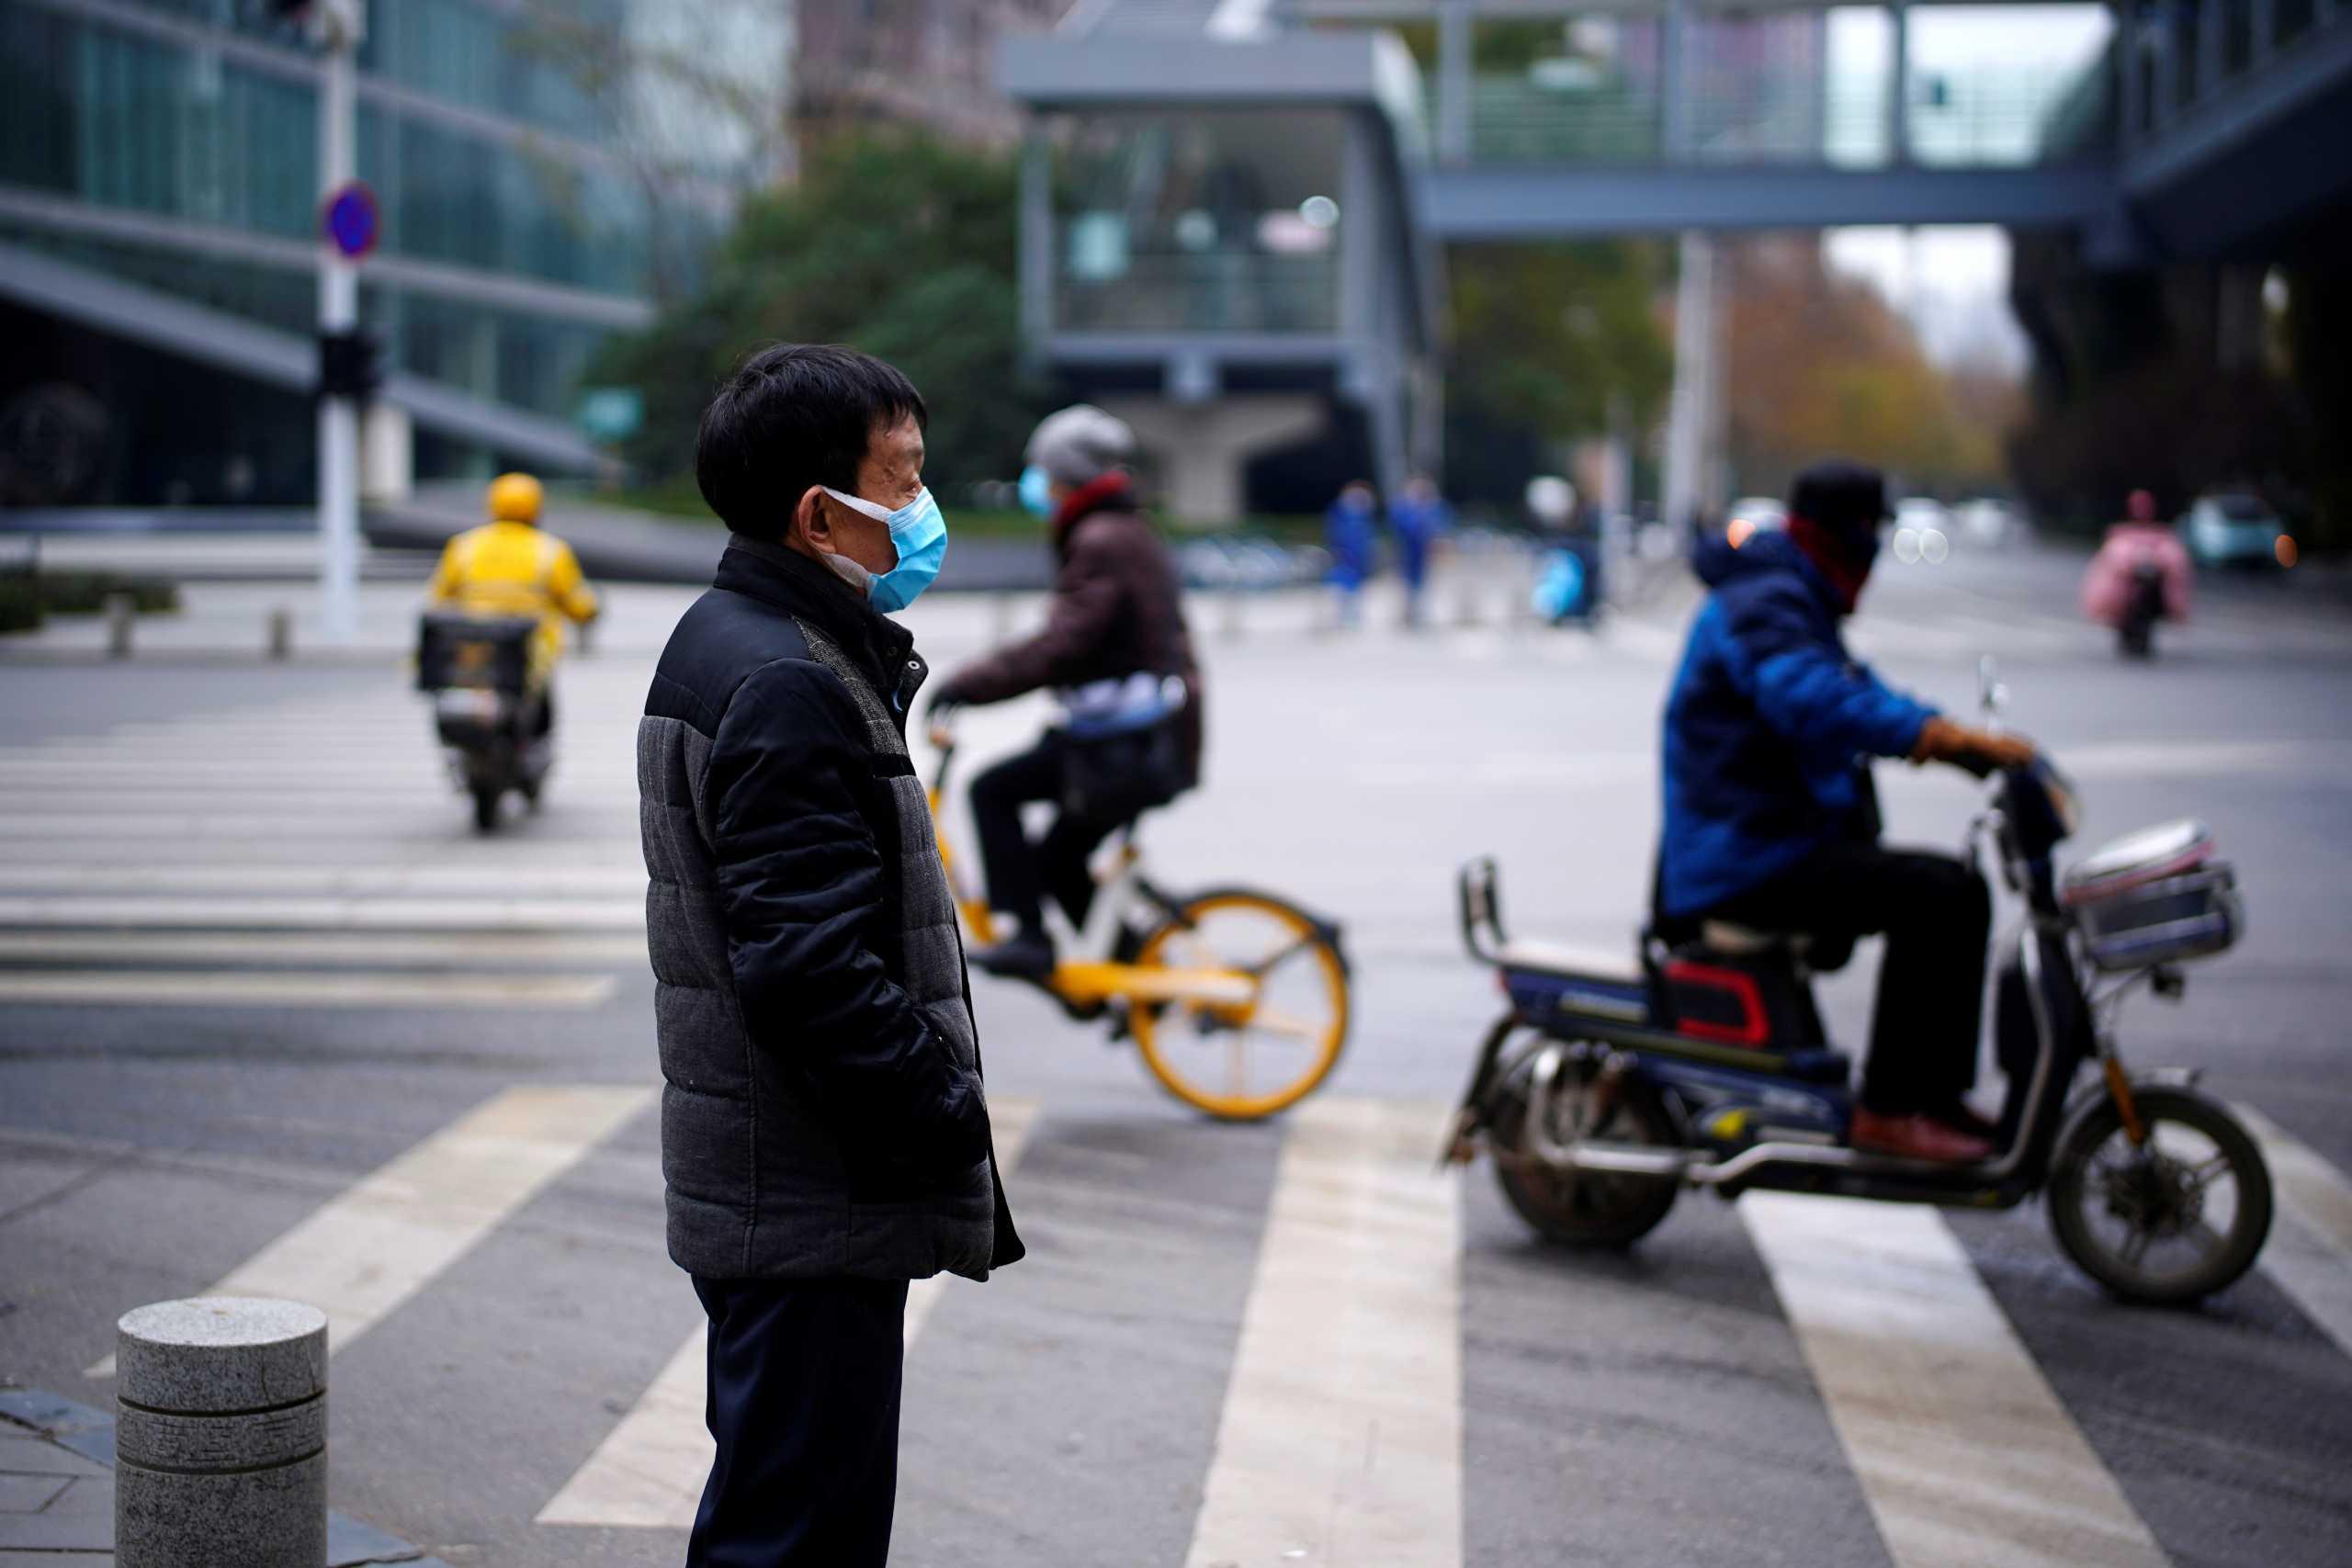 Στην Κίνα αποστολή επιστημόνων του Παγκόσμιου Οργανισμού Υγείας που ερευνά την προέλευση του κορονοϊού